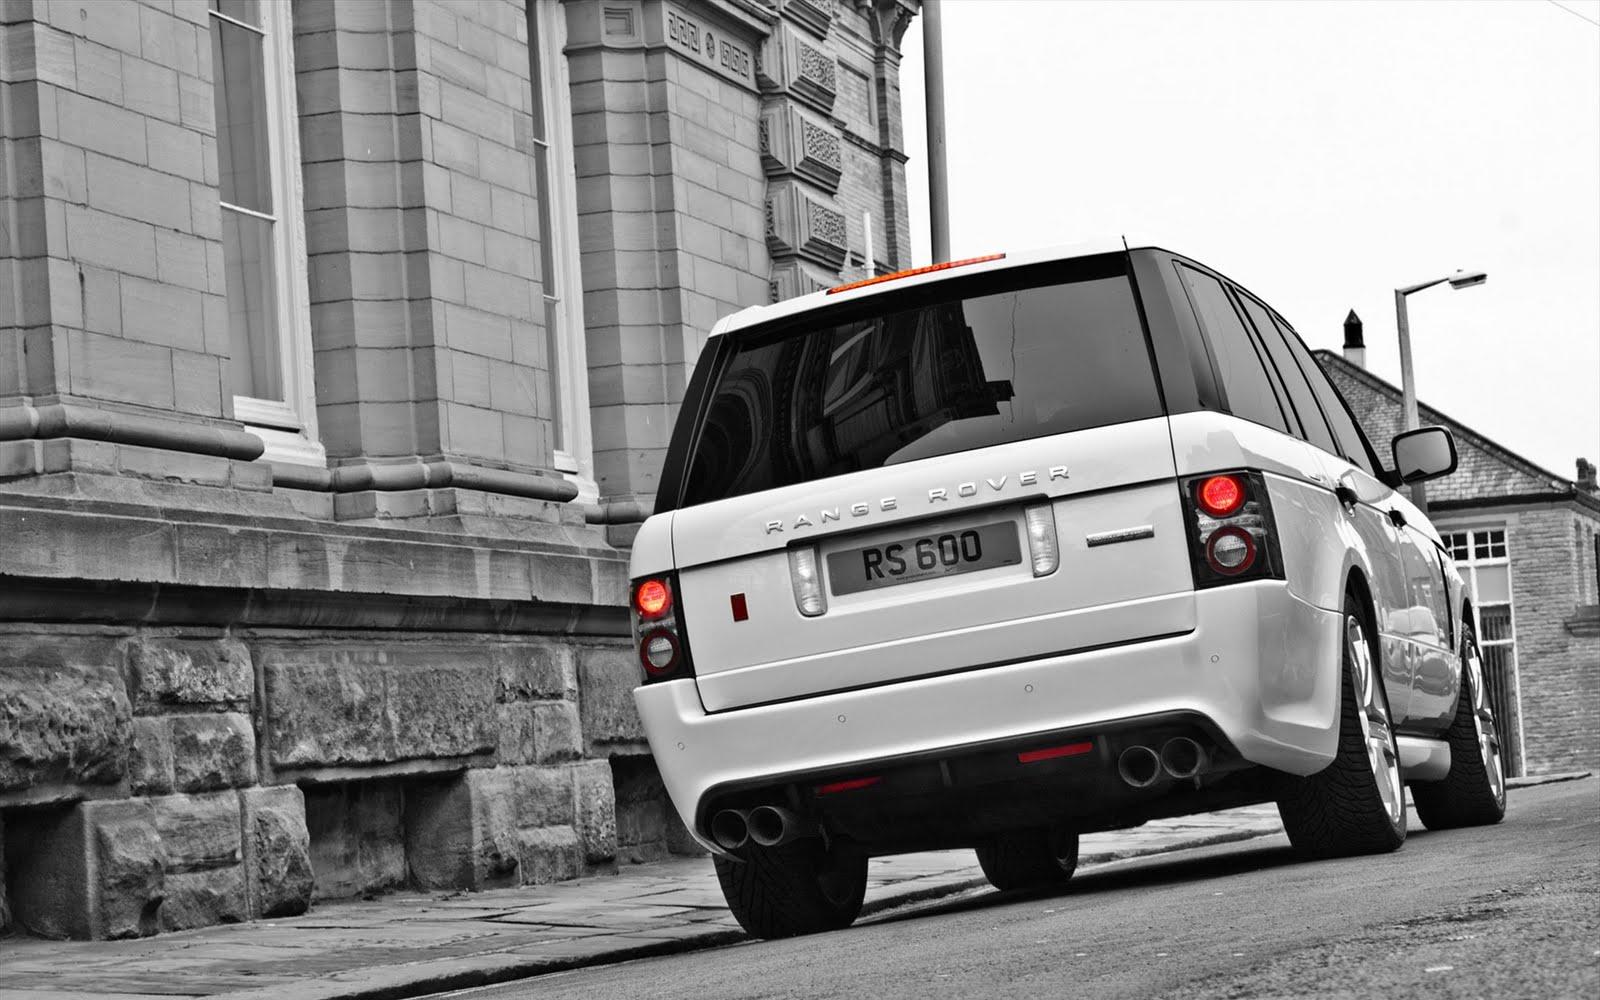 http://2.bp.blogspot.com/-A0zQ4ybPEi4/Tj01PNVmQ9I/AAAAAAAAAXQ/R5pBbUckpmU/s1600/Range-Rover-Vogue-Kahn-Design-2011-widescreen-04.jpg